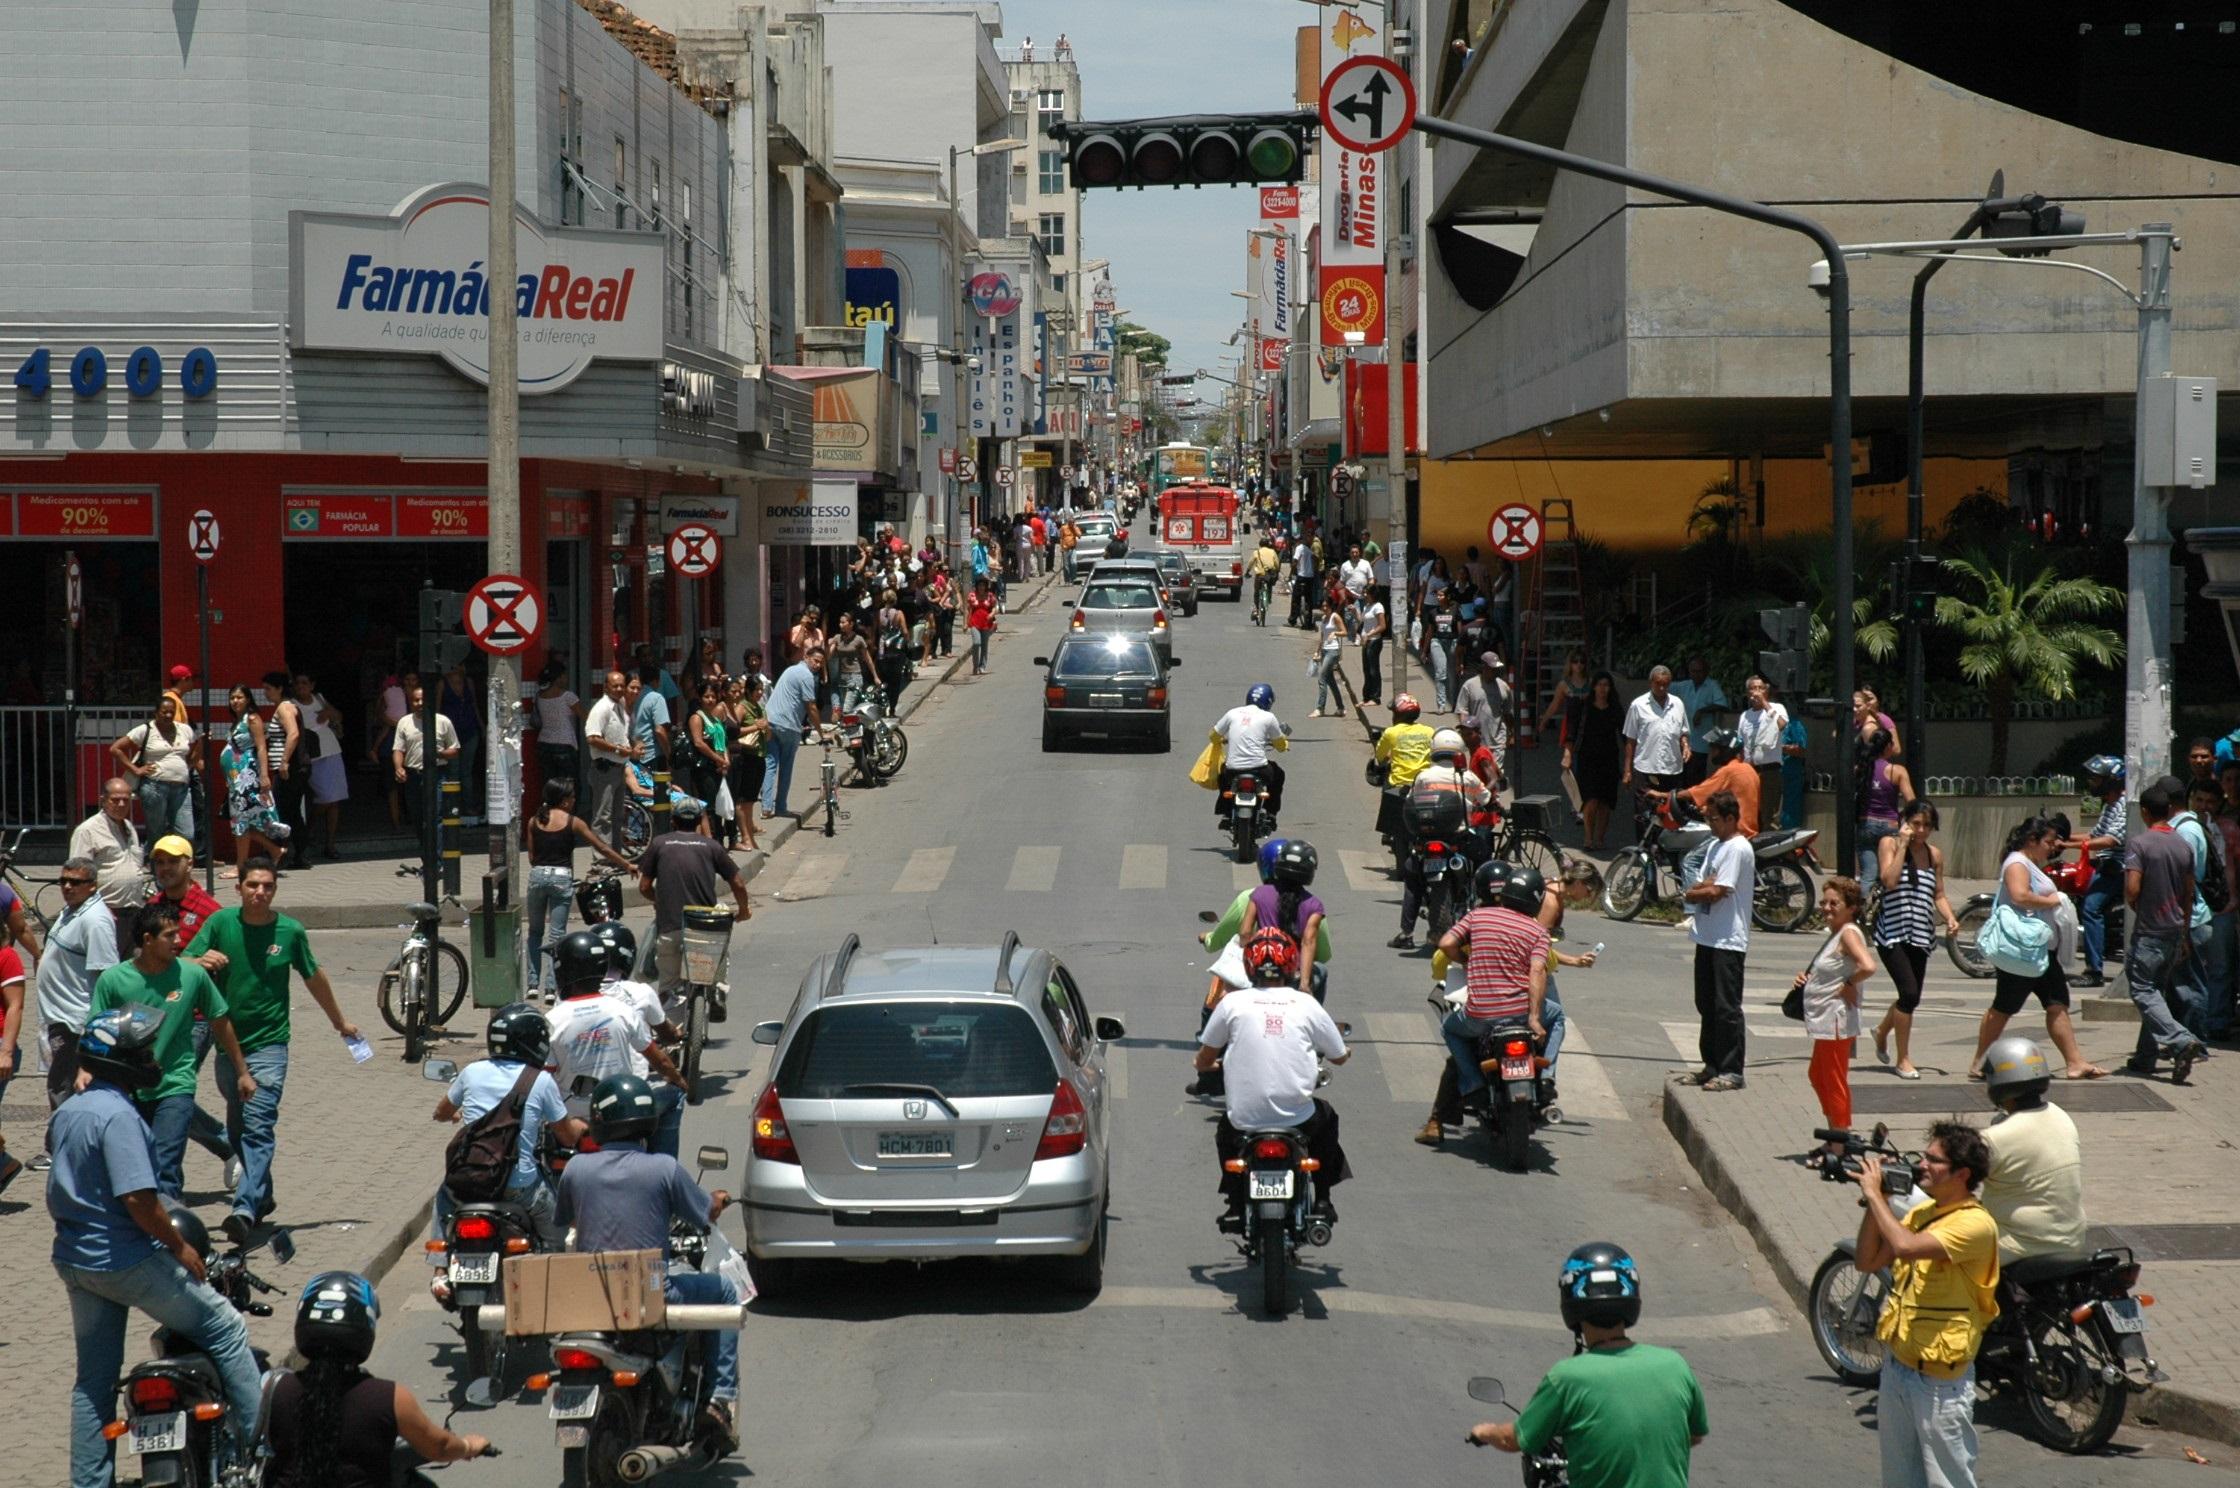 Imagem de destaque Lei estabelece vagas em estacionamentos para veículos que transportem gestantes